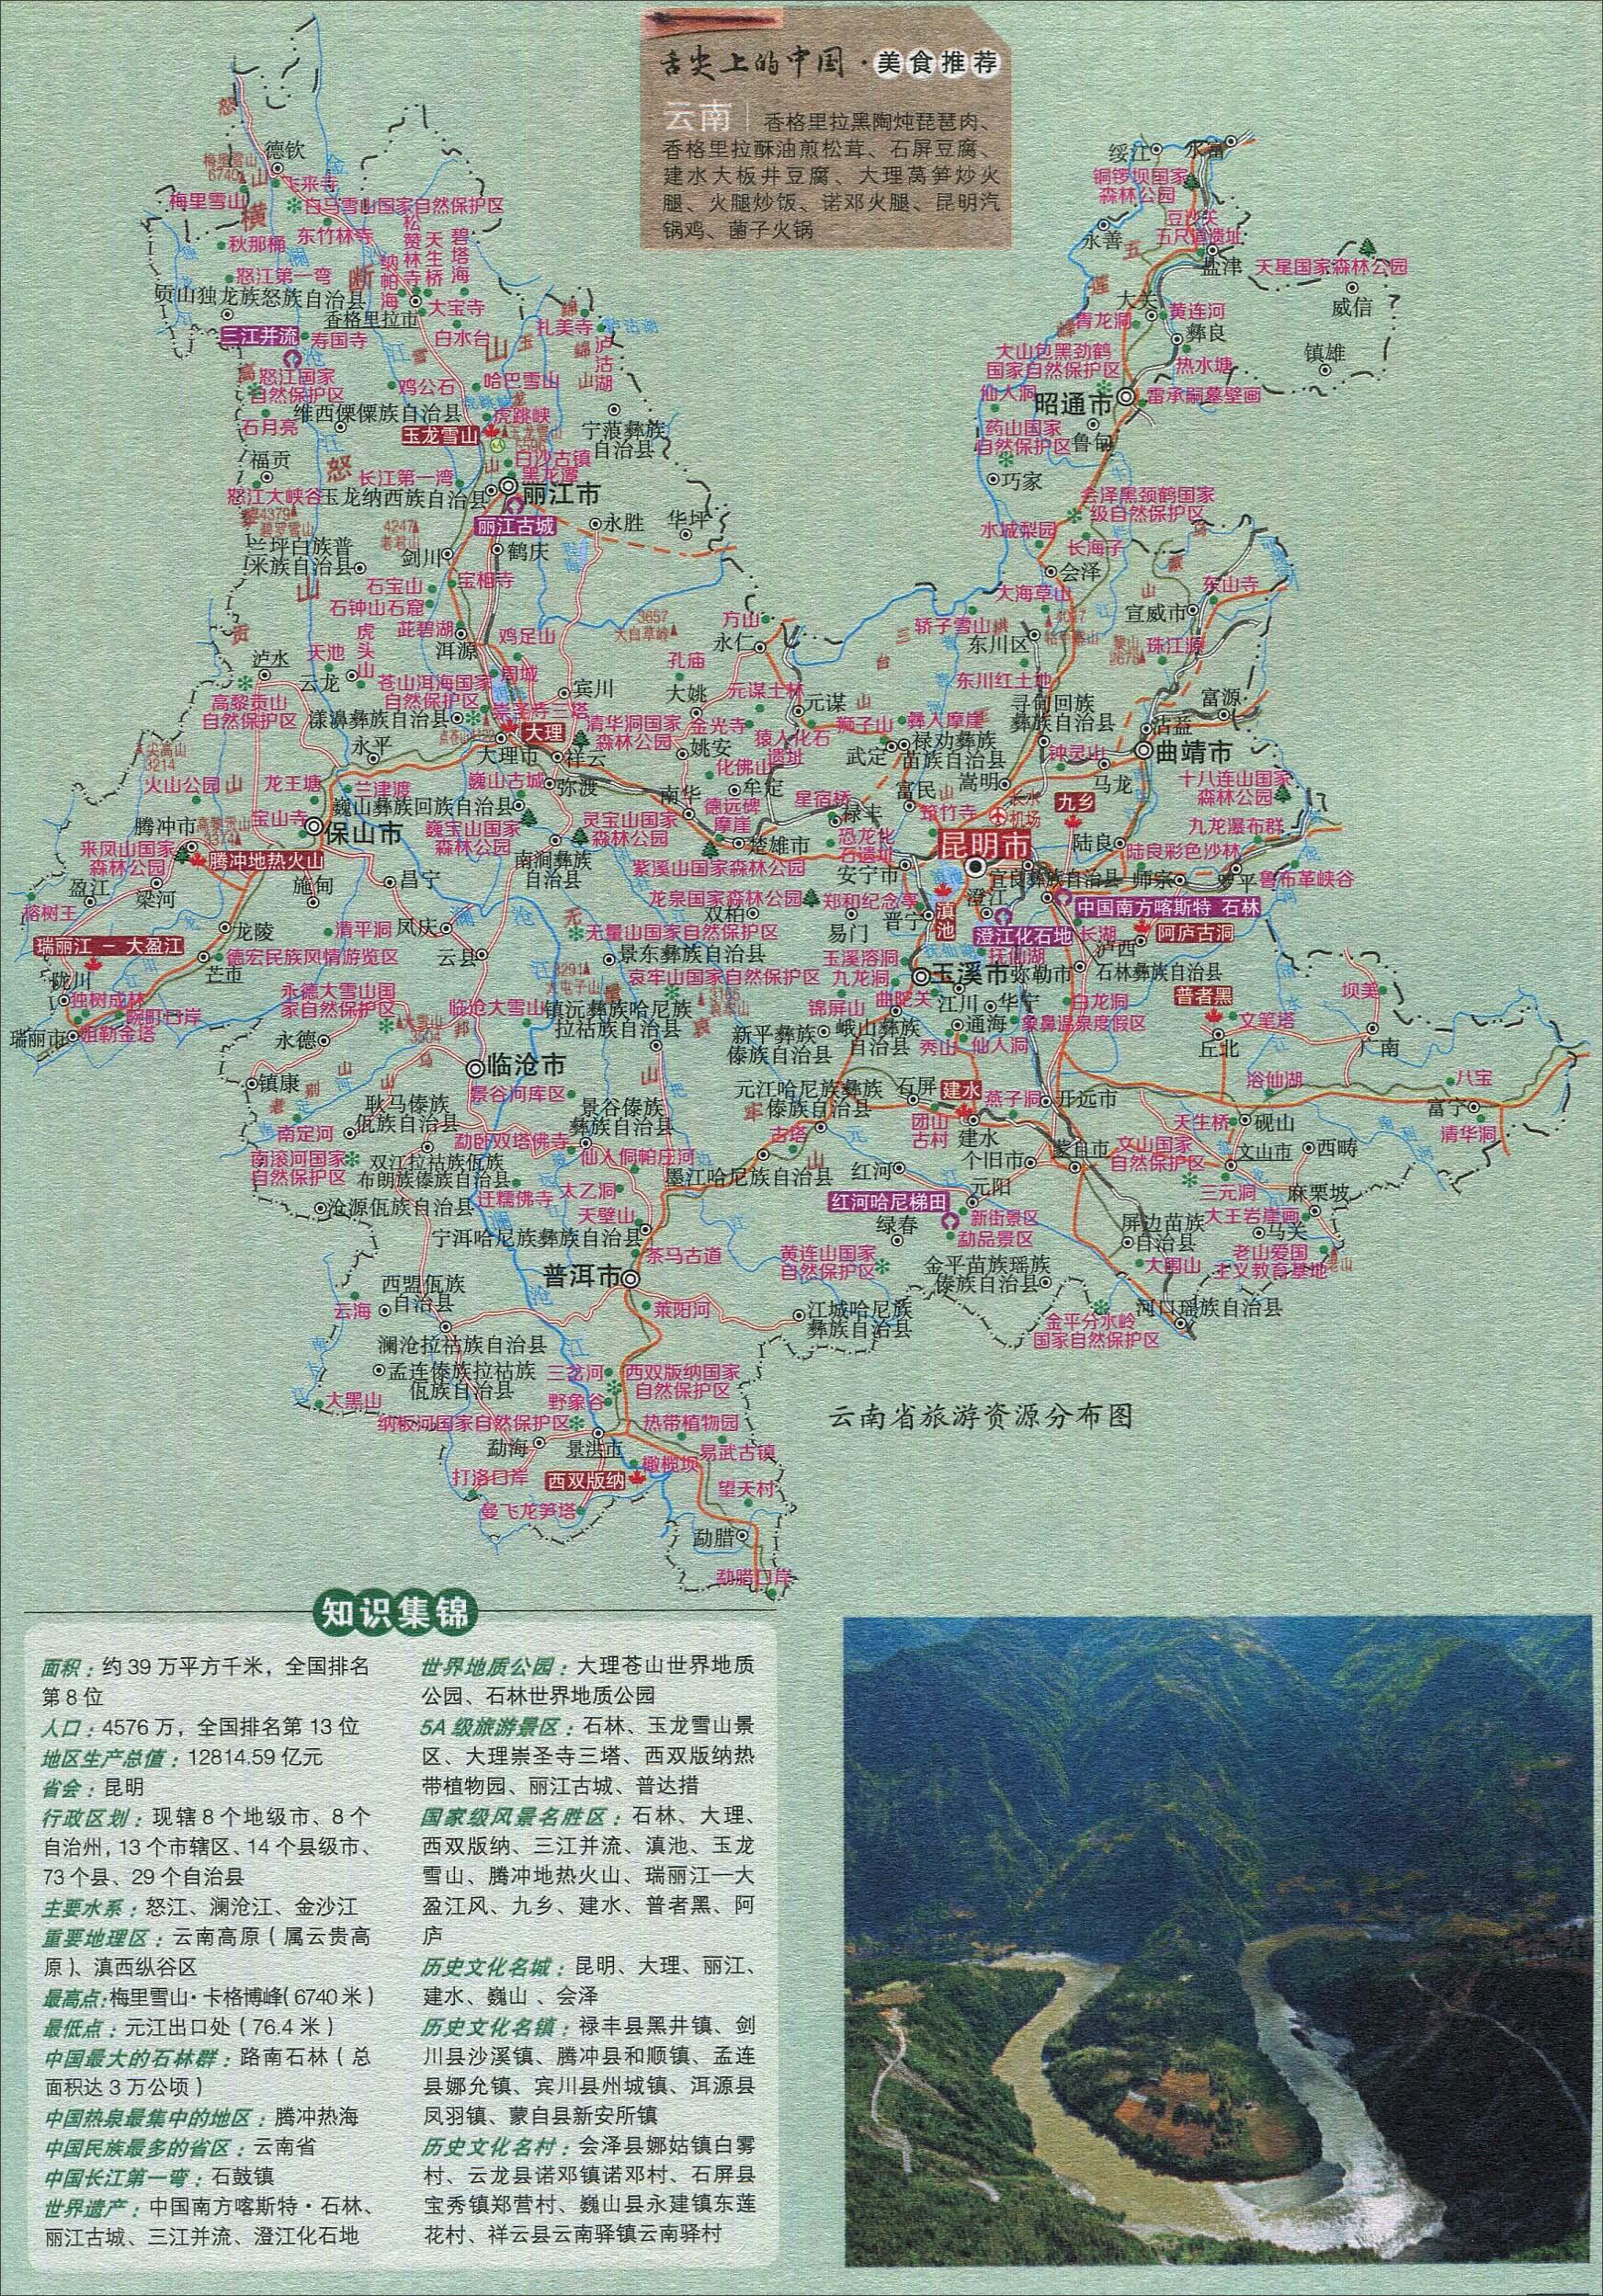 中国旅游景点图_云南旅游资源分布图_云南旅游地图库_地图窝